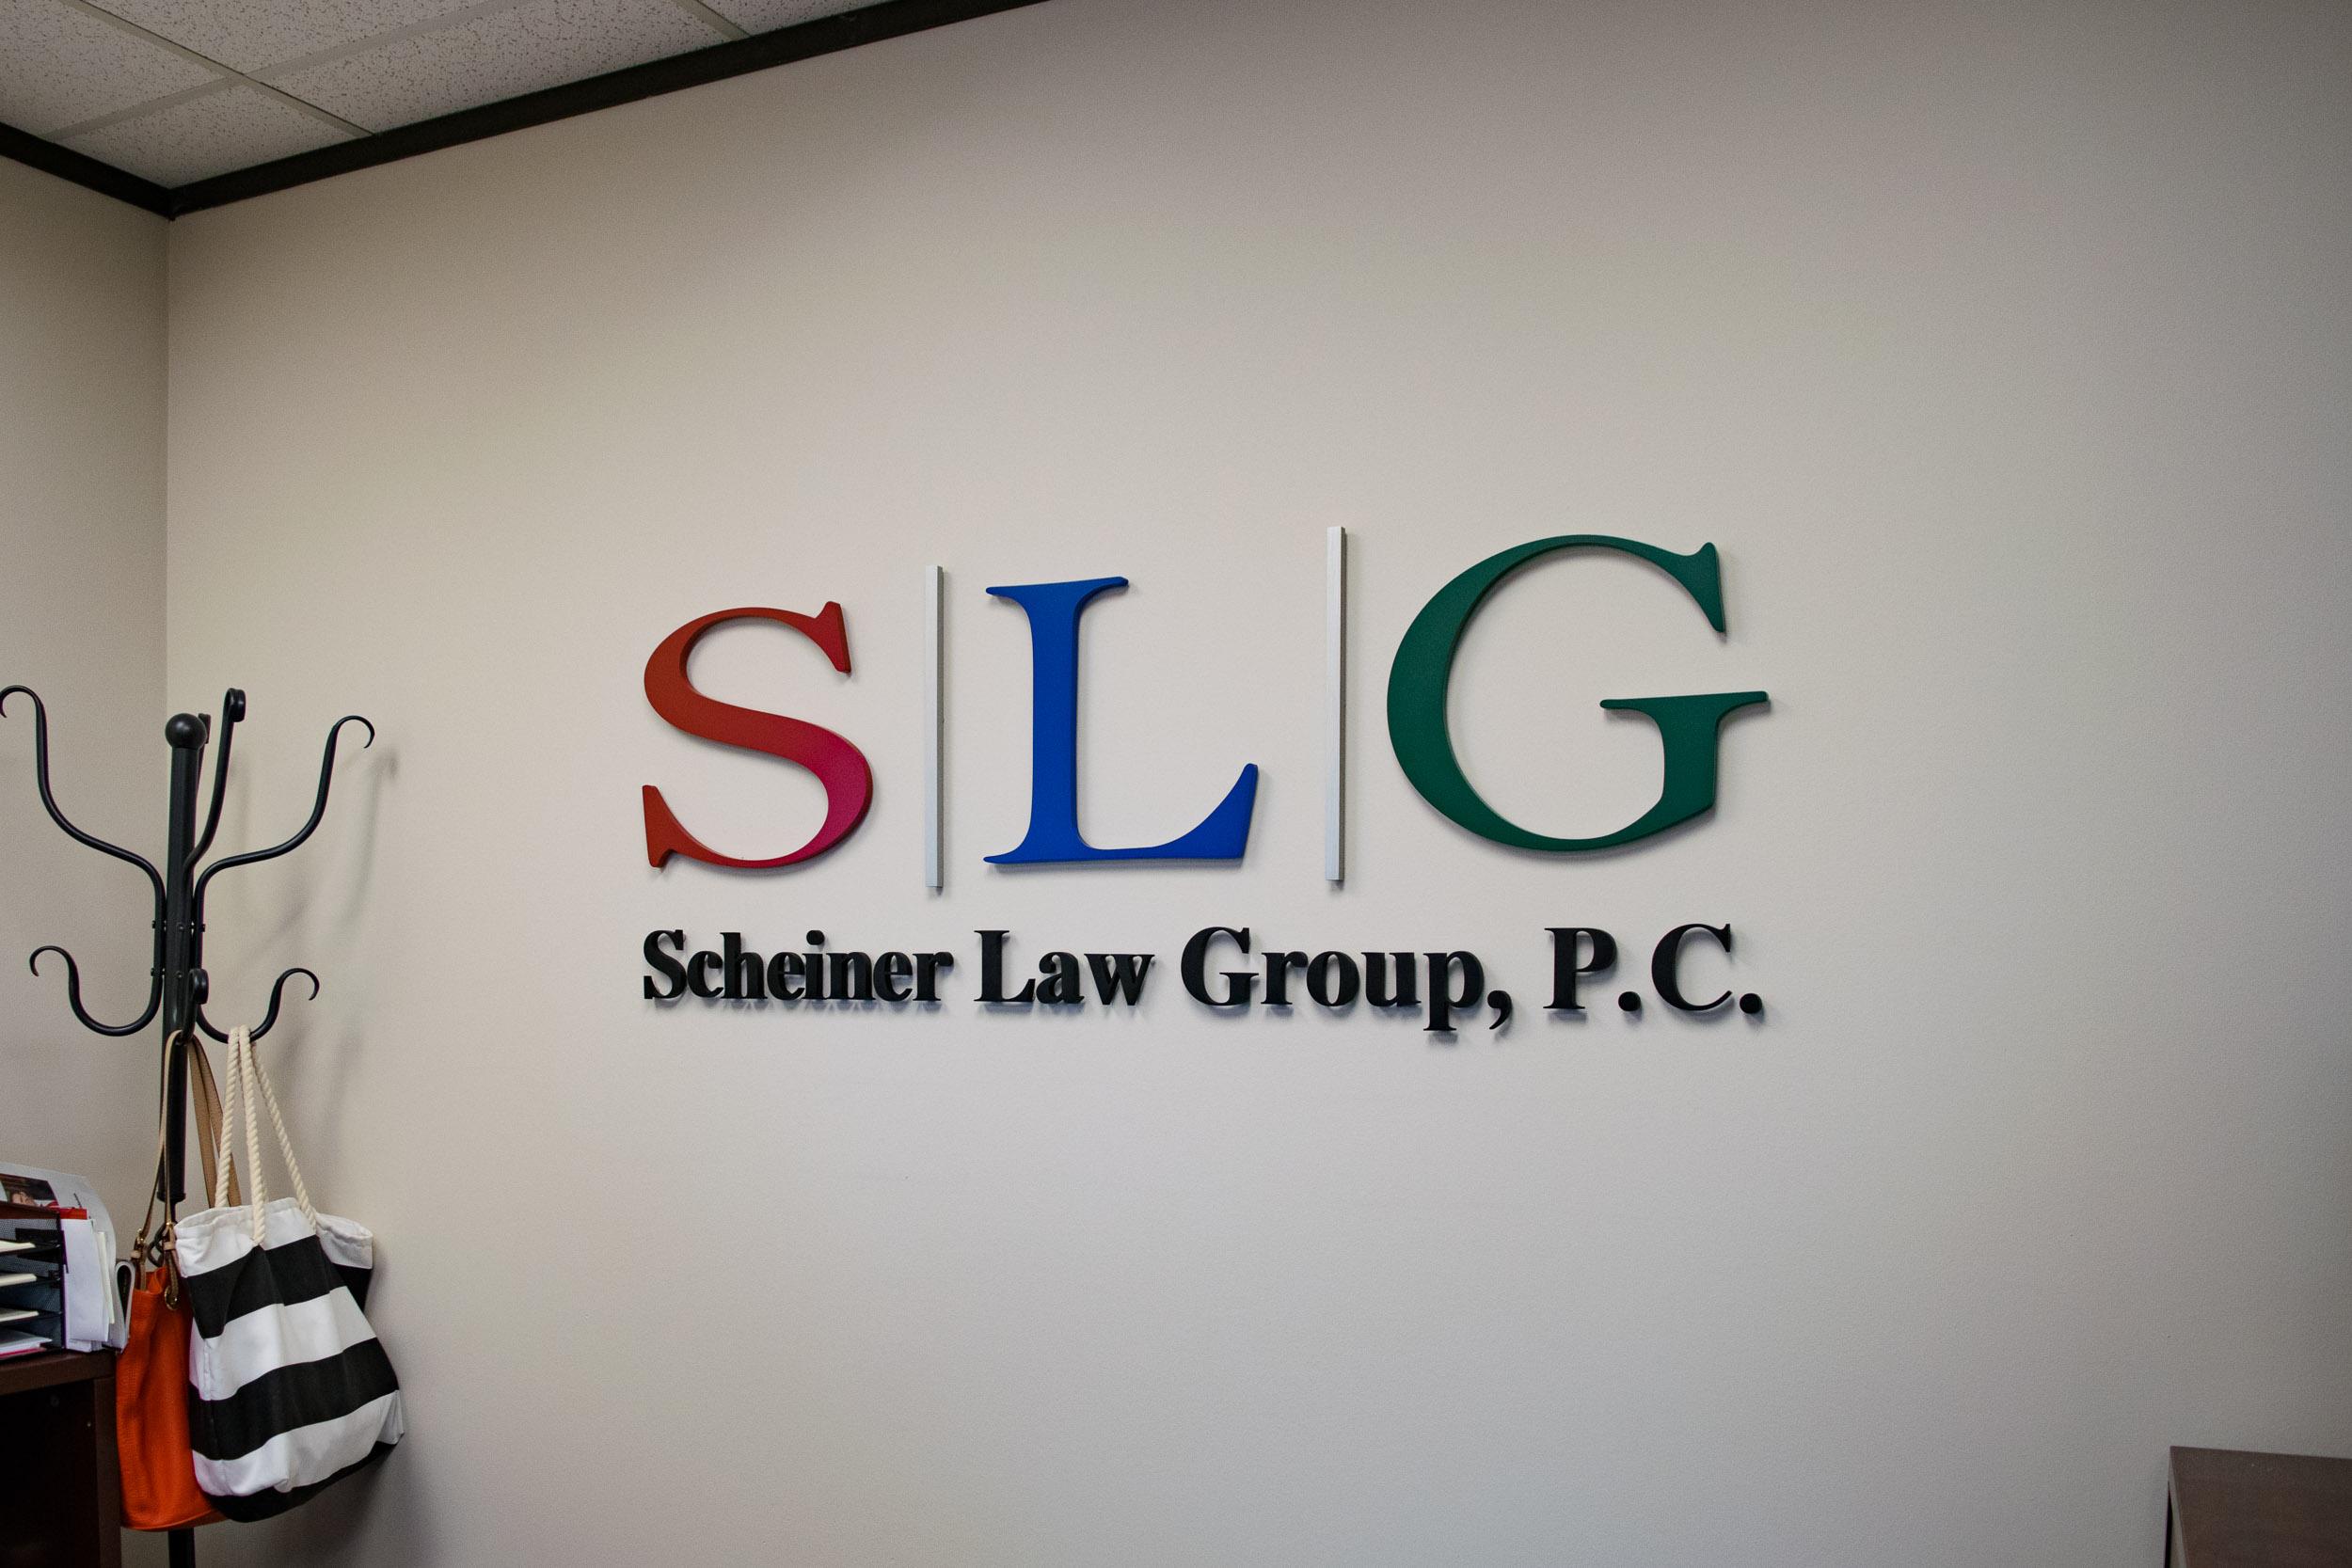 SLG_lawsign_web.jpg